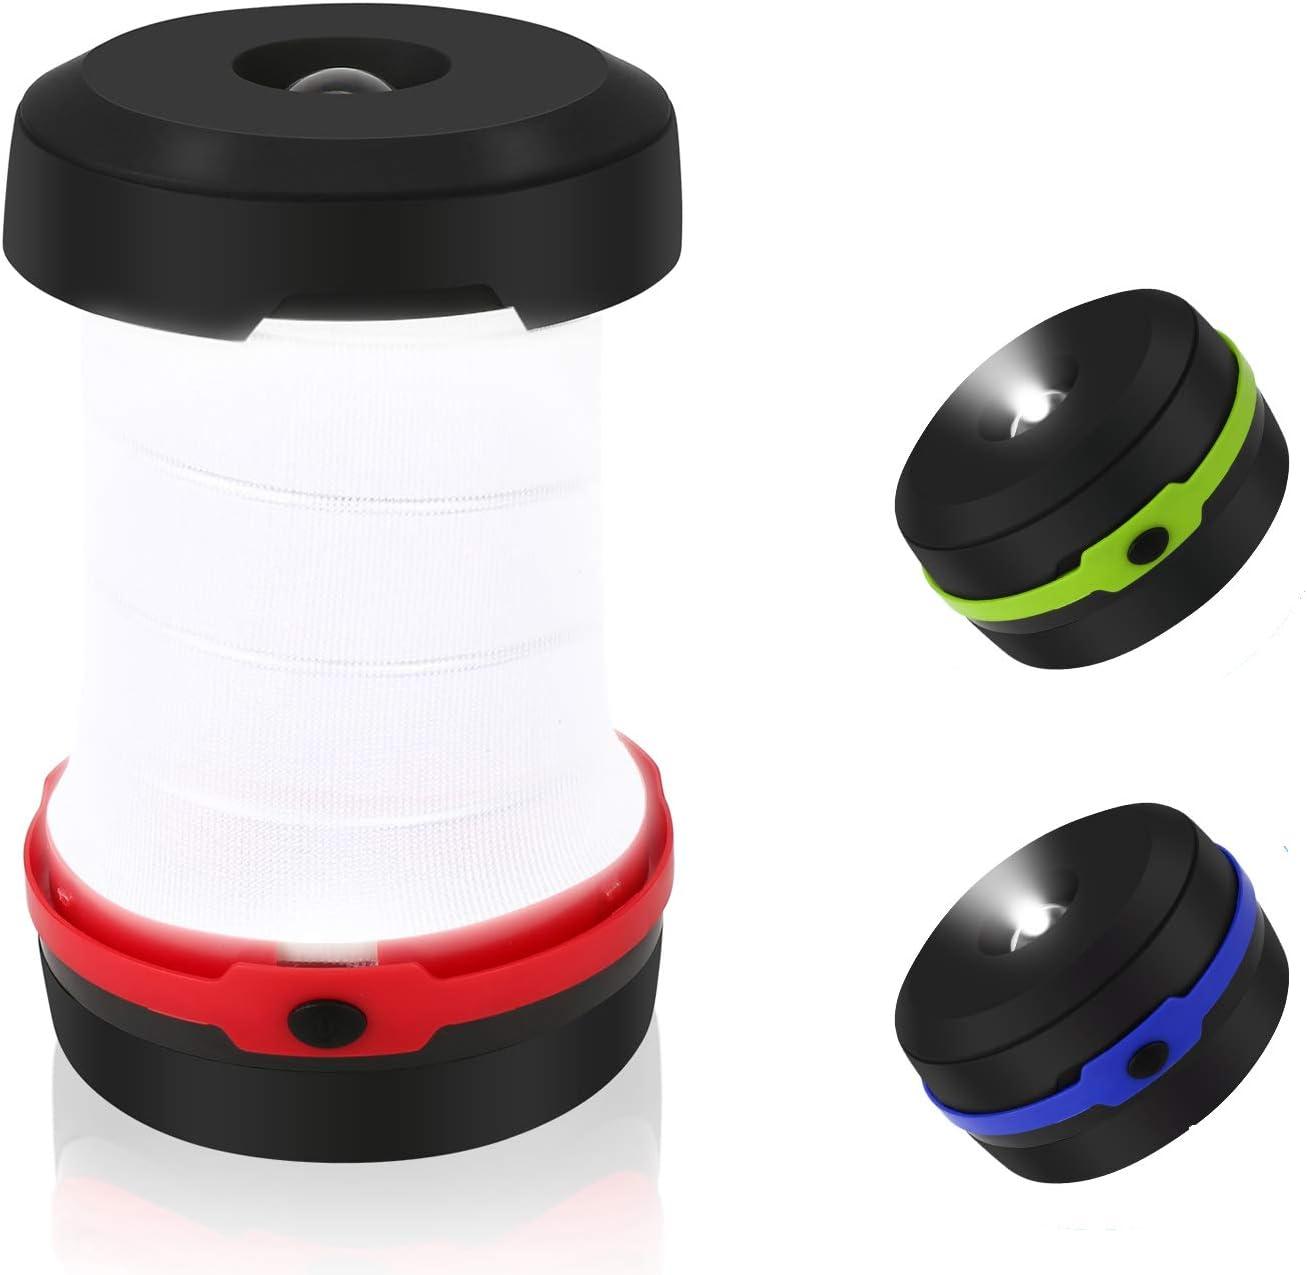 Hevsd LED Camping Lantern Flashlight lanterns powered Ranking TOP4 Nippon regular agency C battery